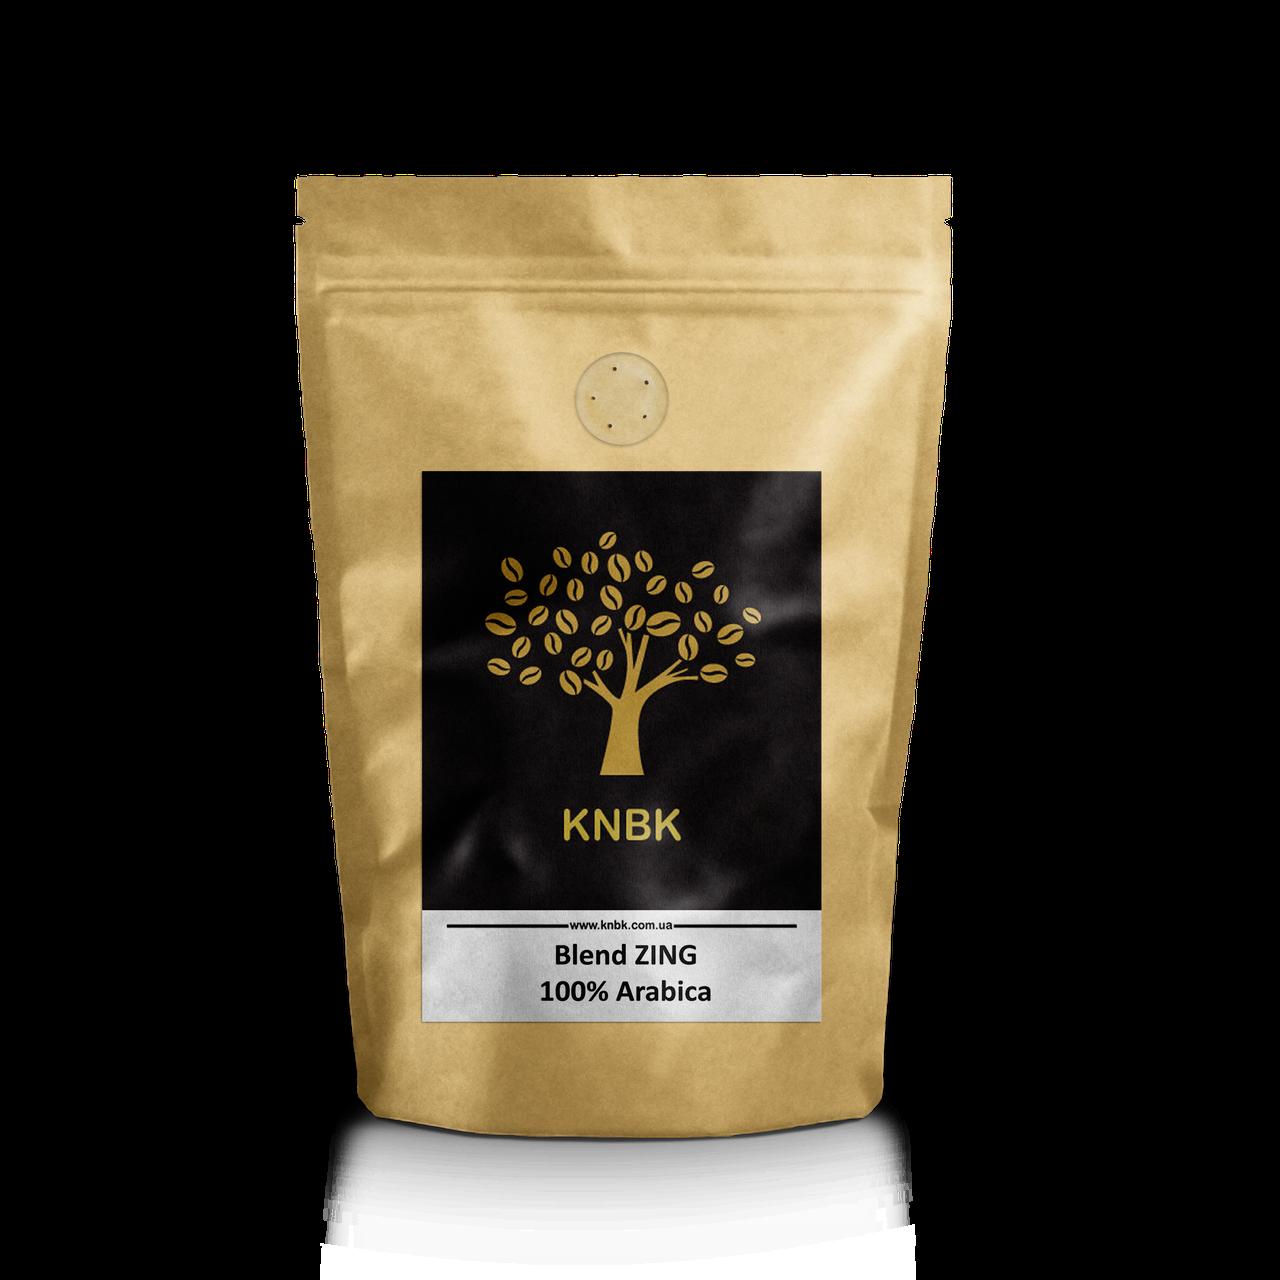 Купаж сортов KNBK ZING Арабика 100% 250 г. Свежеобжаренный кофе